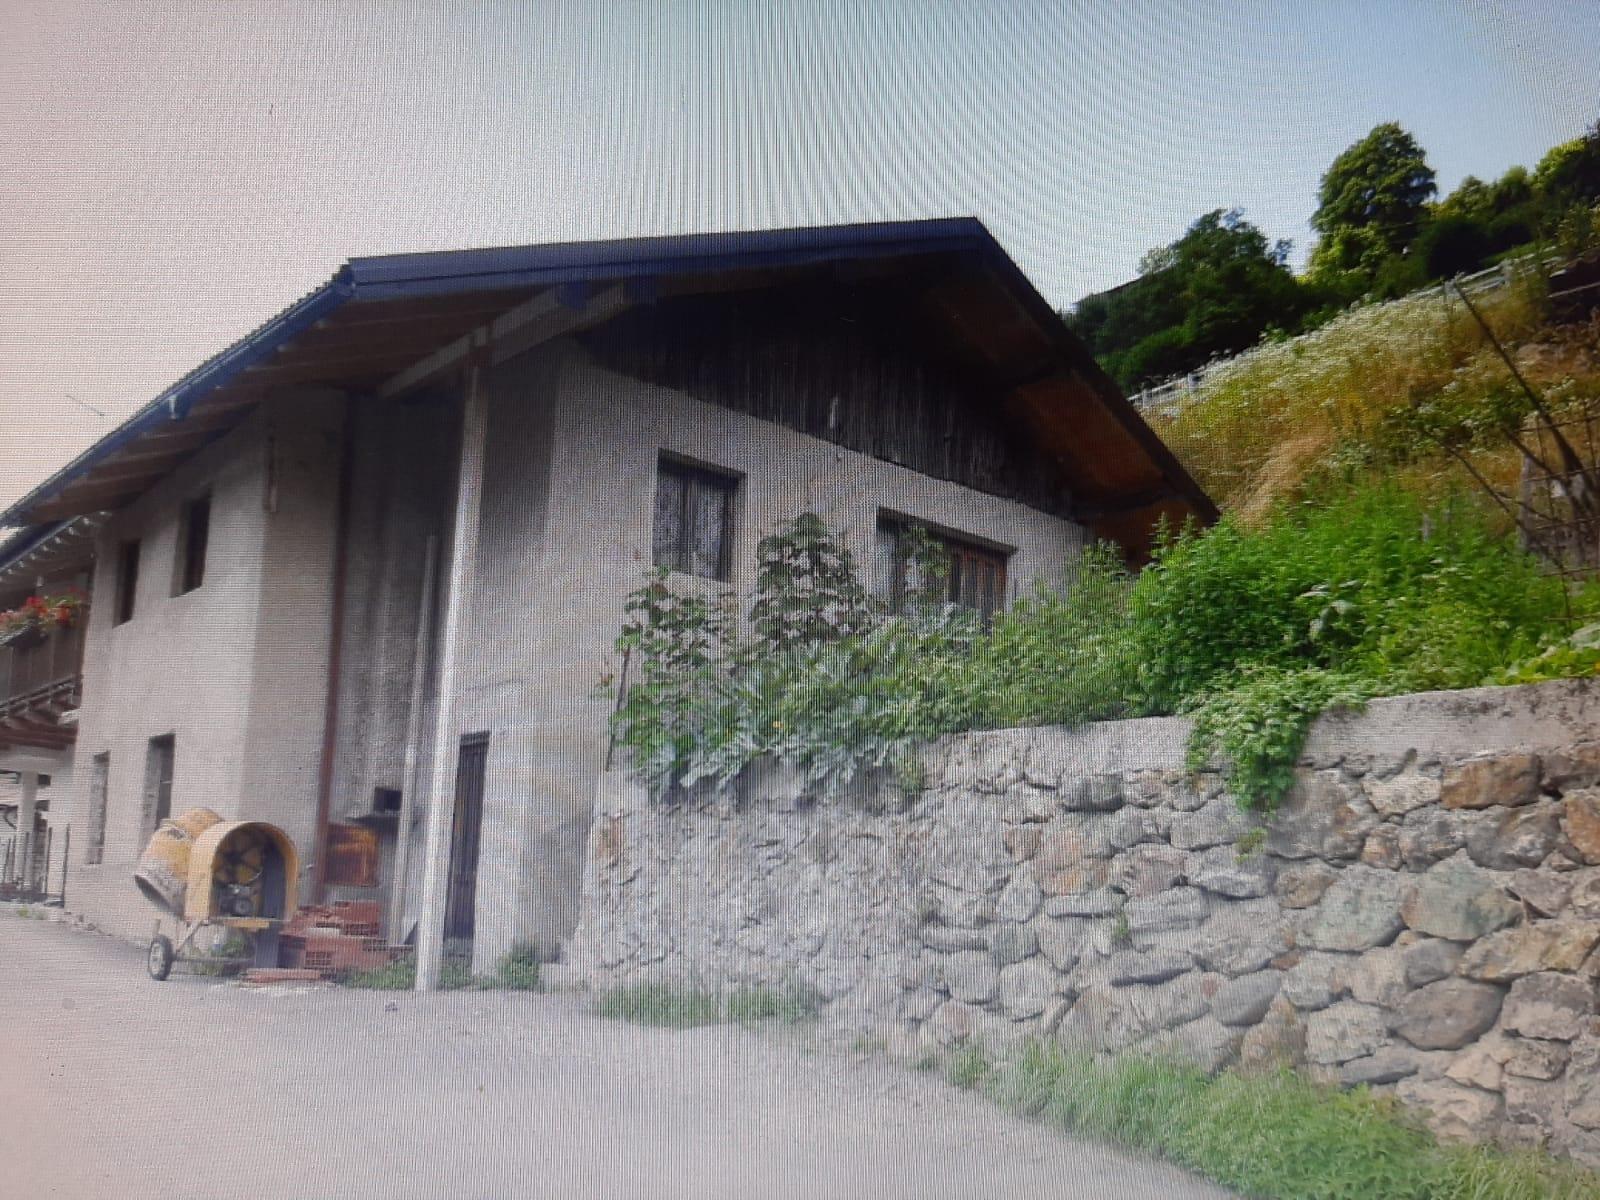 Val dei Mocheni – loc. Kamauz – vendiamo graziosa baita/rustico da ristrutturare